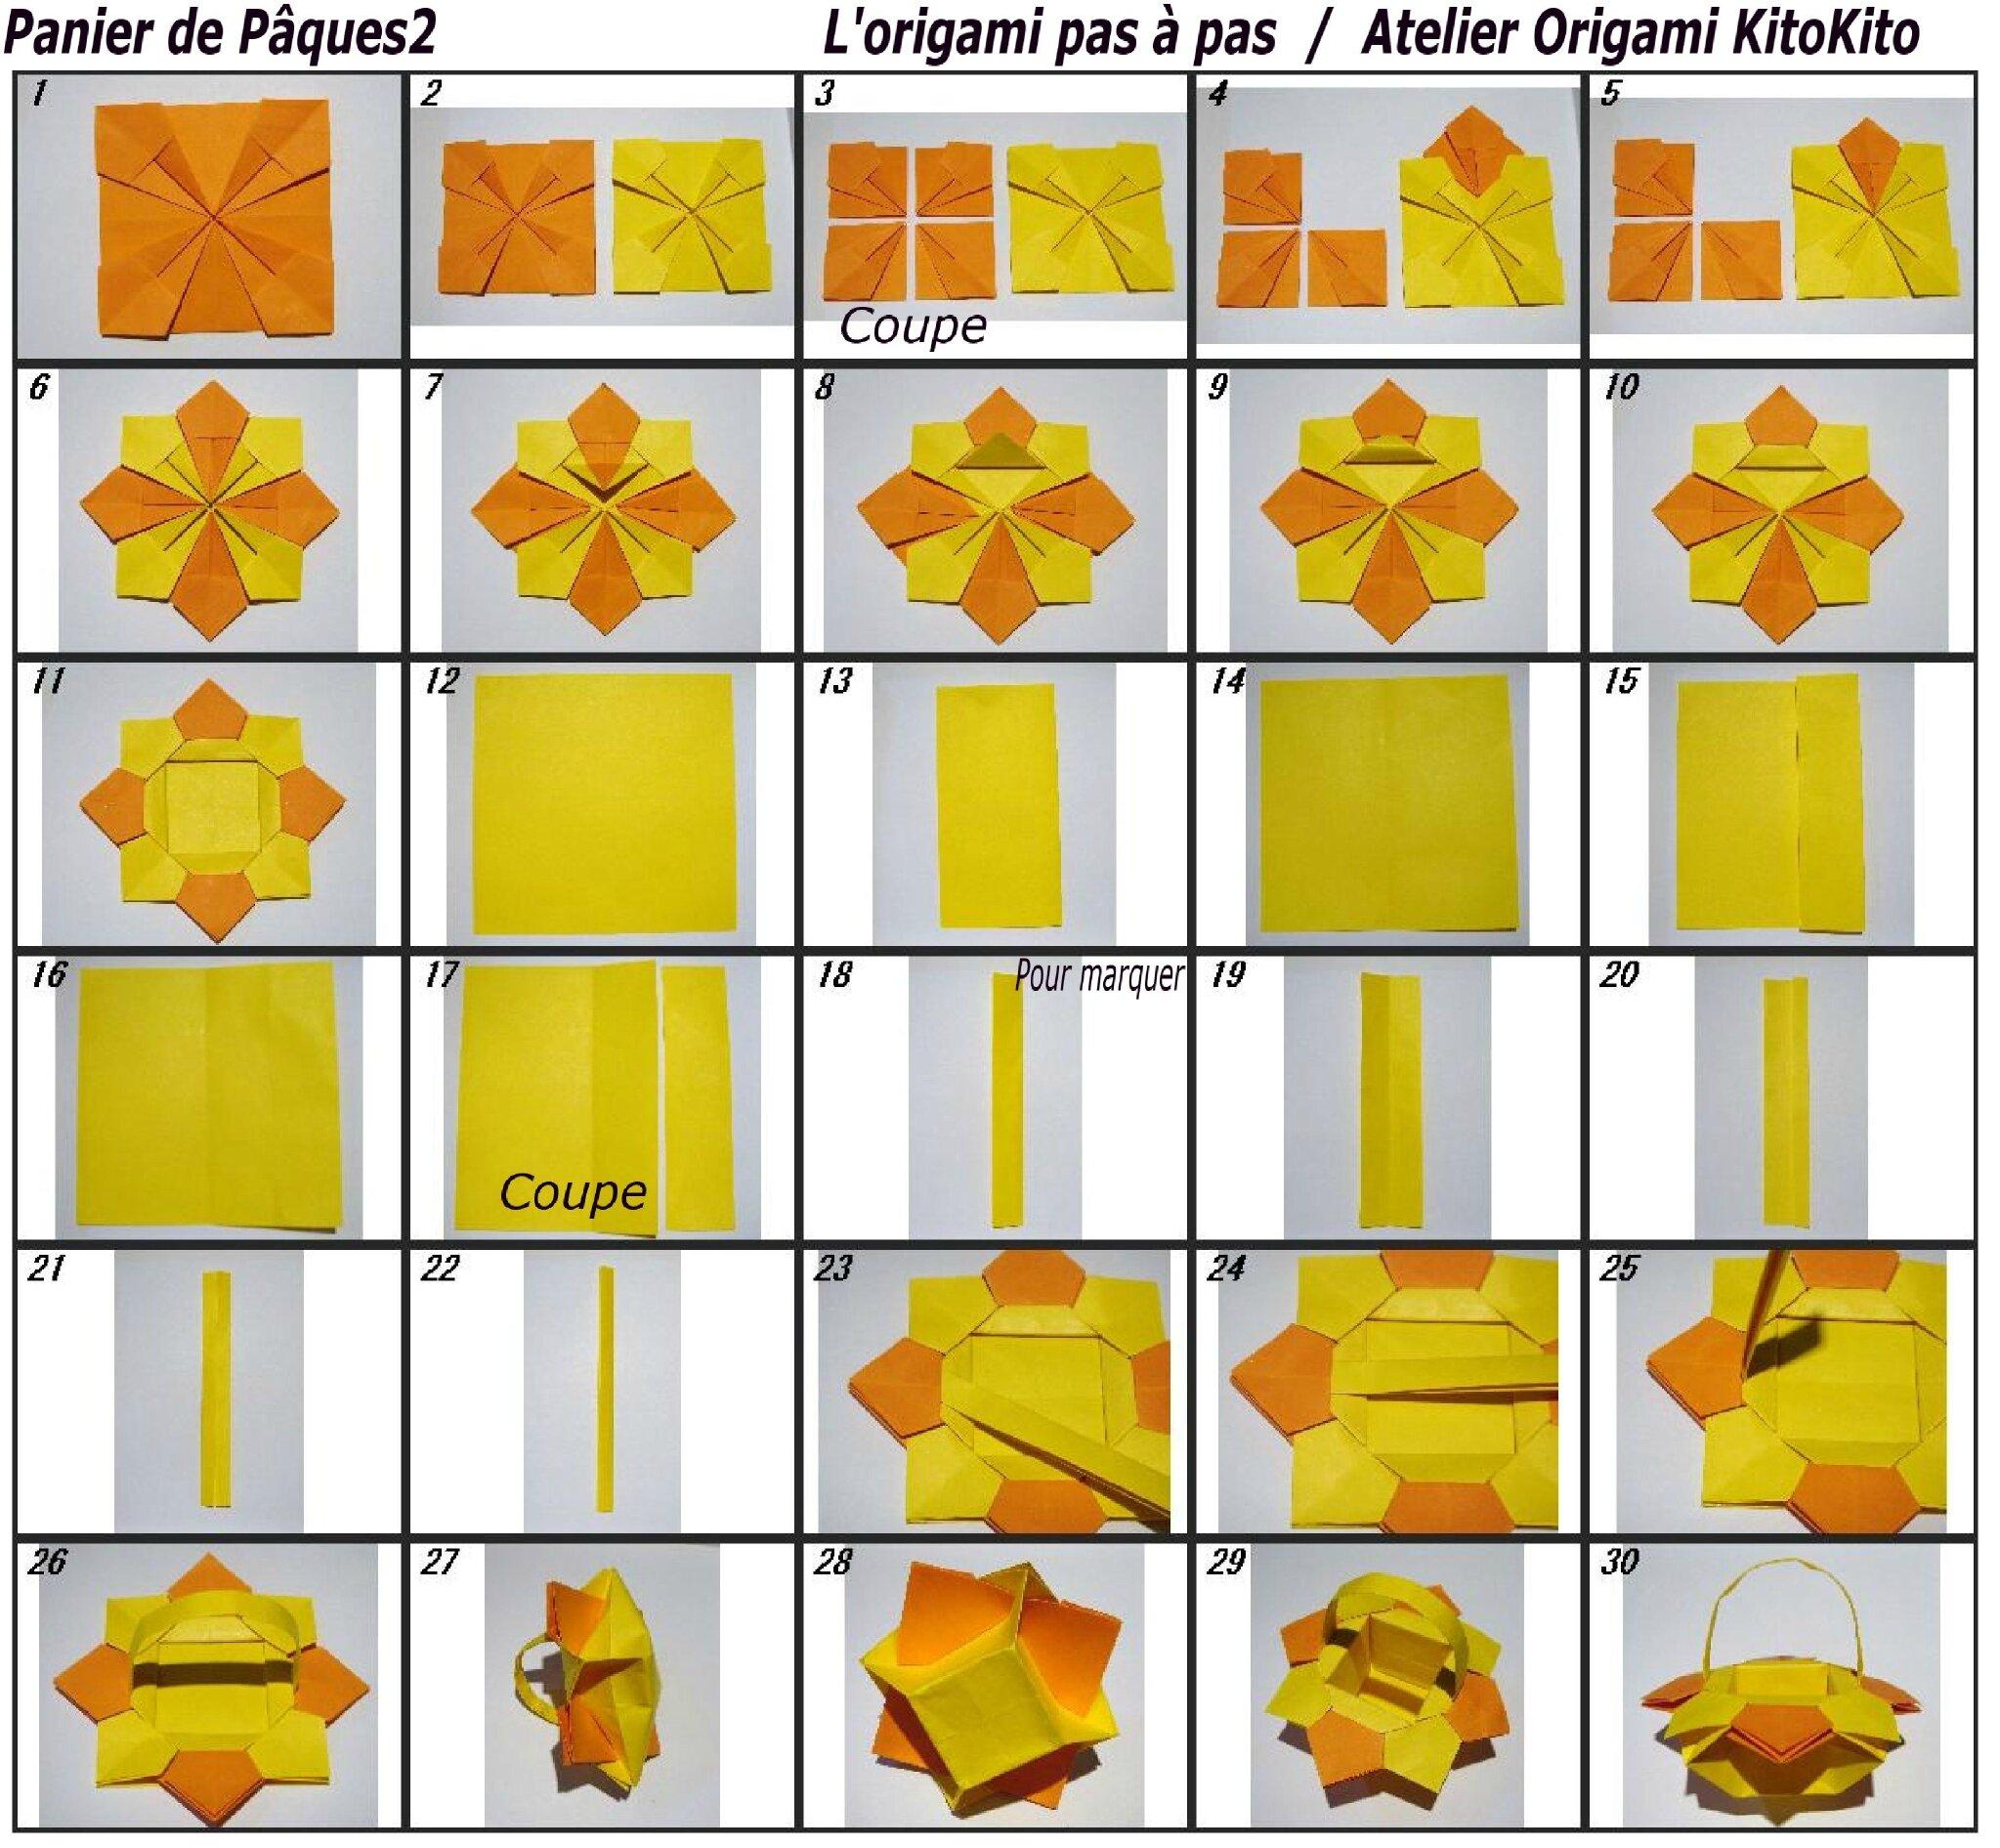 panier de p ques2 l 39 origami pas pas atelier origami. Black Bedroom Furniture Sets. Home Design Ideas